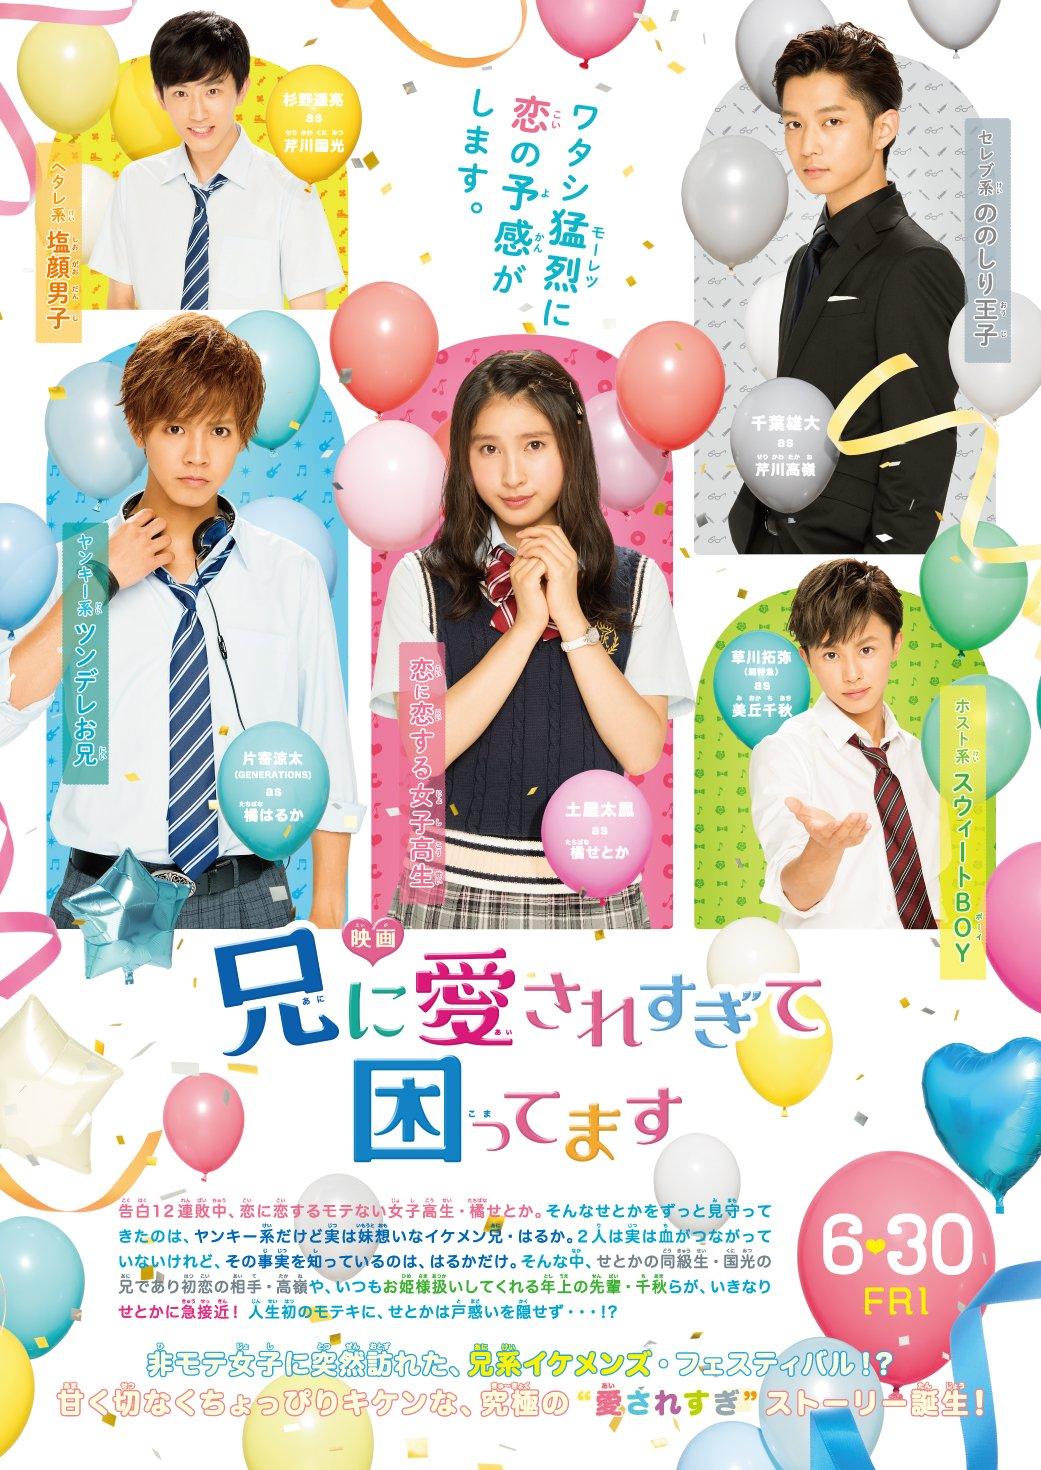 Ani Ni Aisaresugite Komattemasu Movie Download : aisaresugite, komattemasu, movie, download, Manga, Themes:, Aisaresugite, Komattemasu, Ending